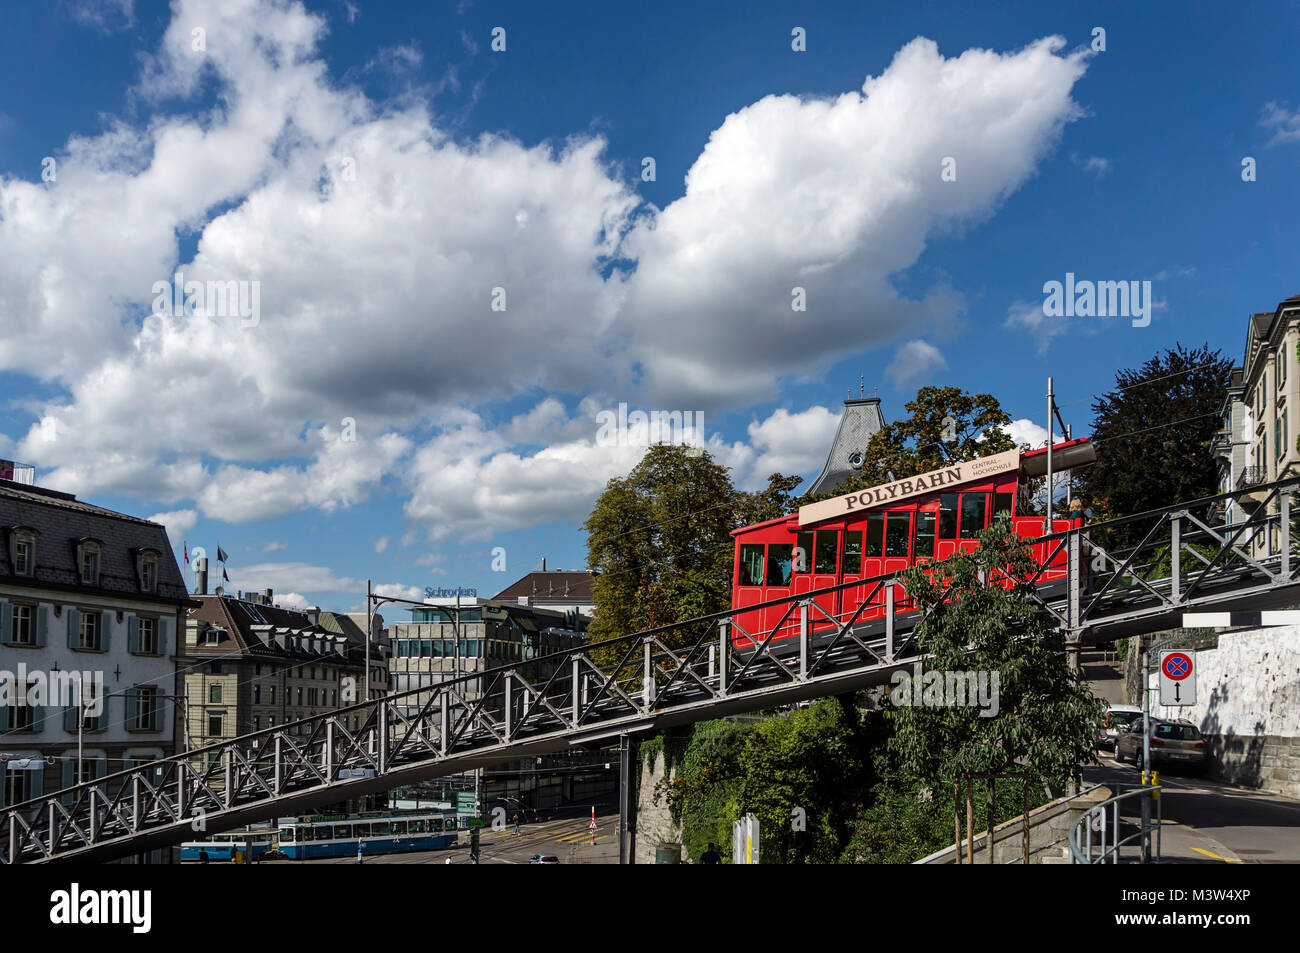 Polybahn am Central, Zürich, Schweiz Stockbild